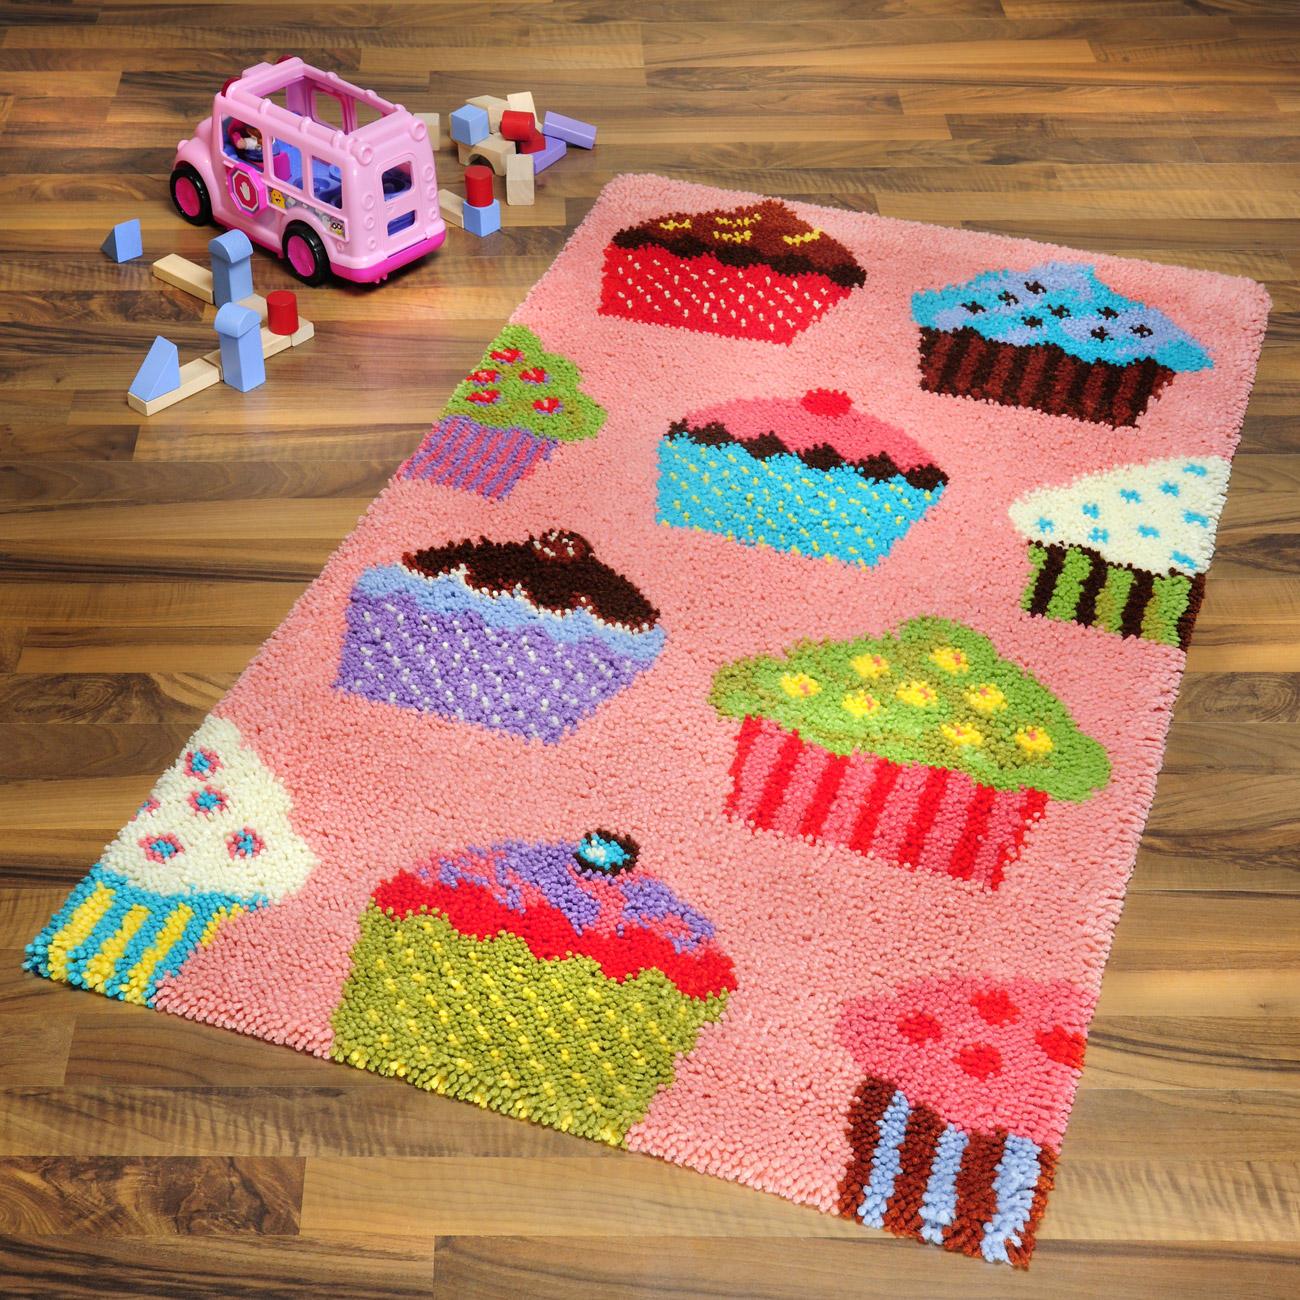 teppich muffins kinderteppiche teppiche kn pfen im junghans wolle creativ shop kaufen. Black Bedroom Furniture Sets. Home Design Ideas